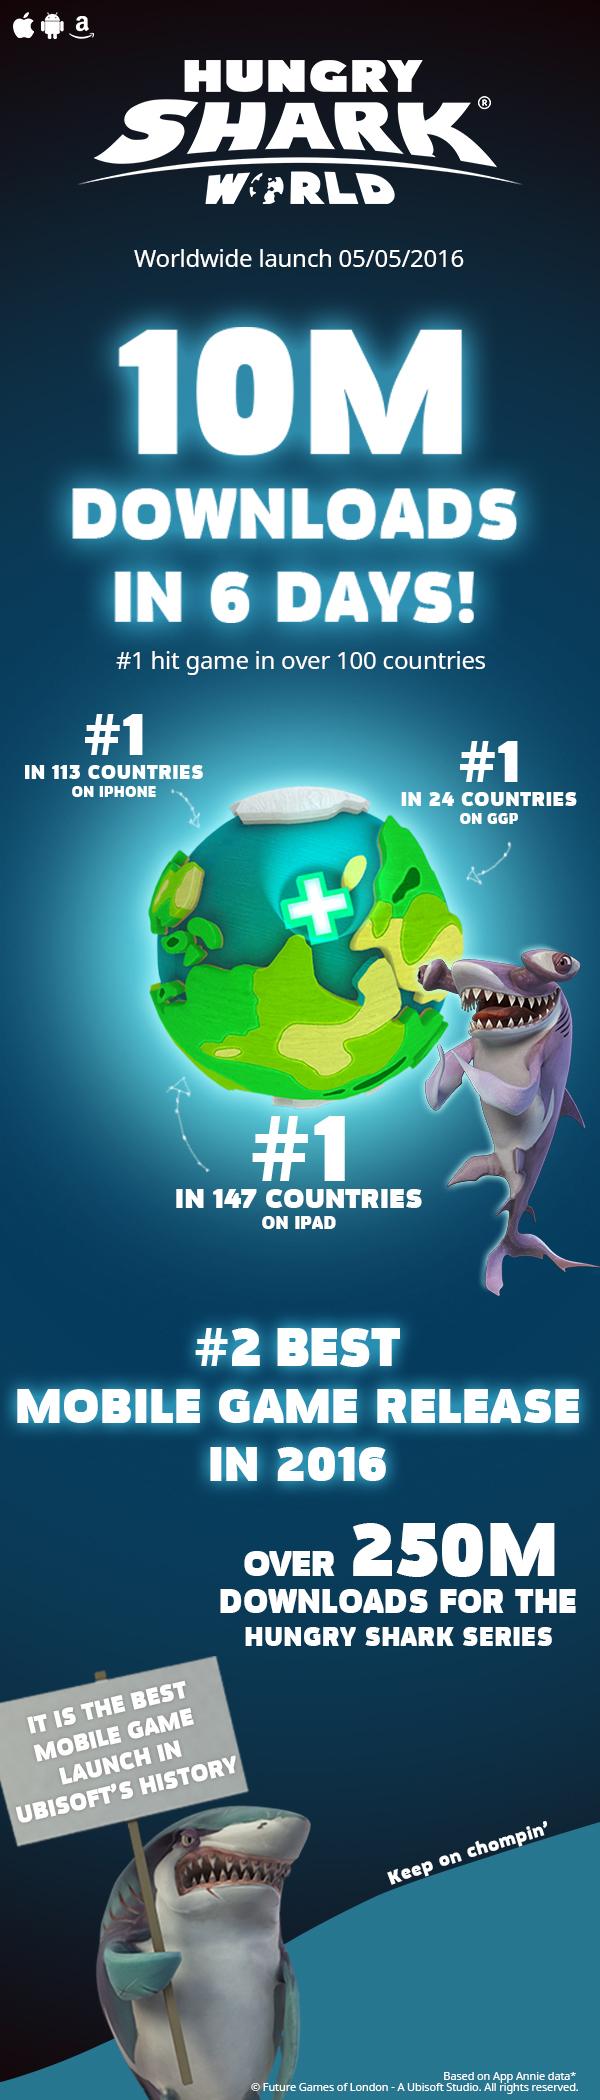 10 millions de téléchargements pour Hungry Shark World